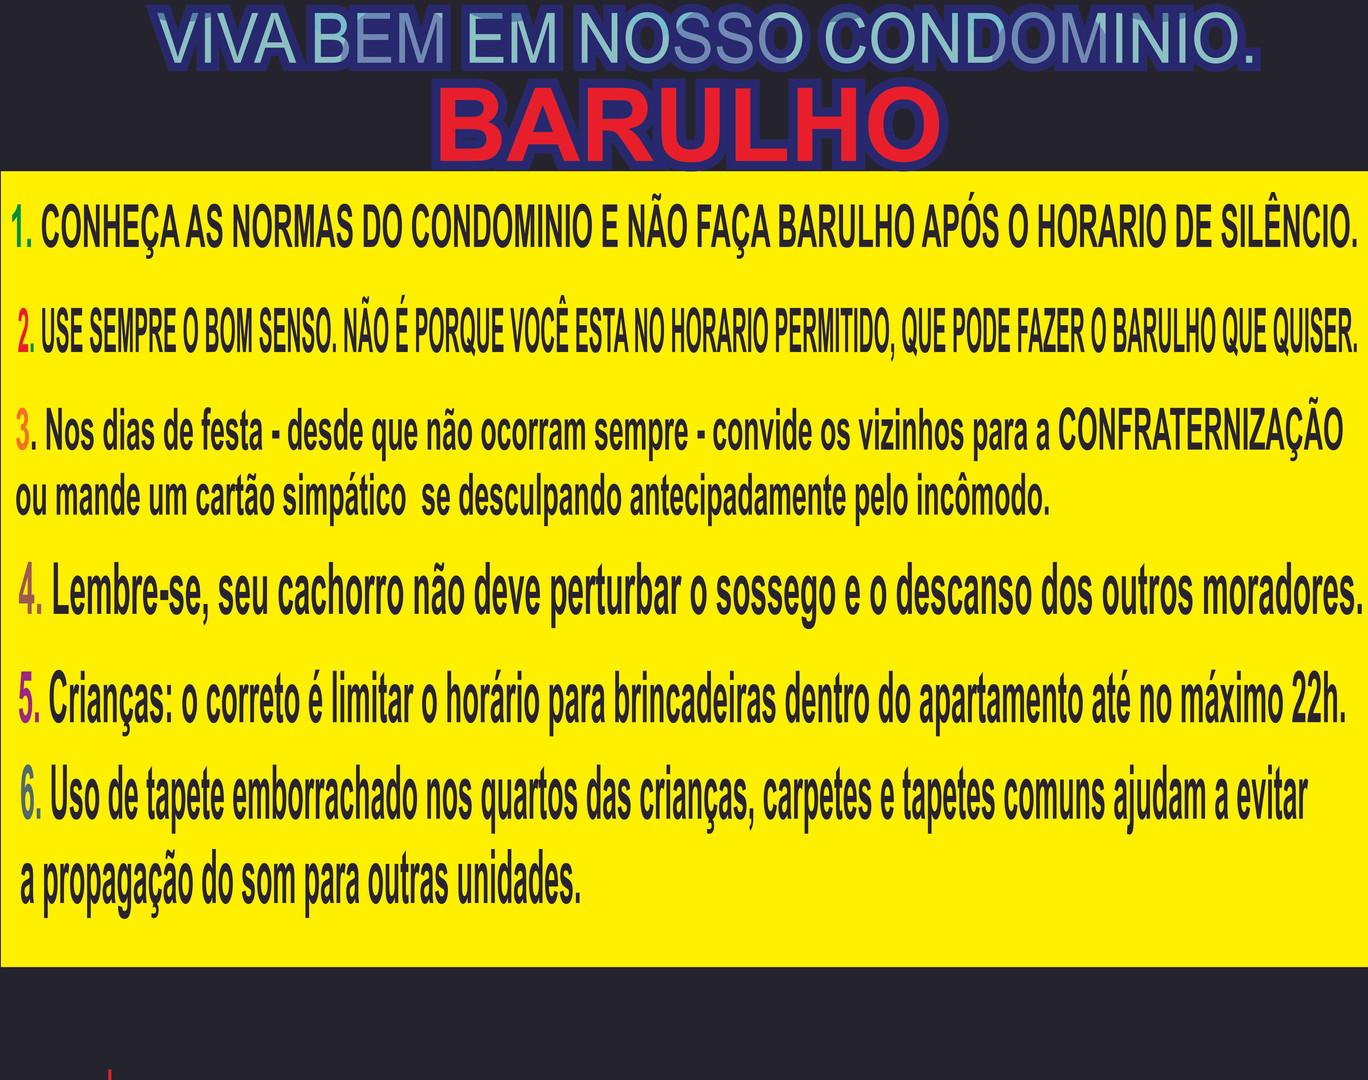 BARULHO CARTAZ.jpg